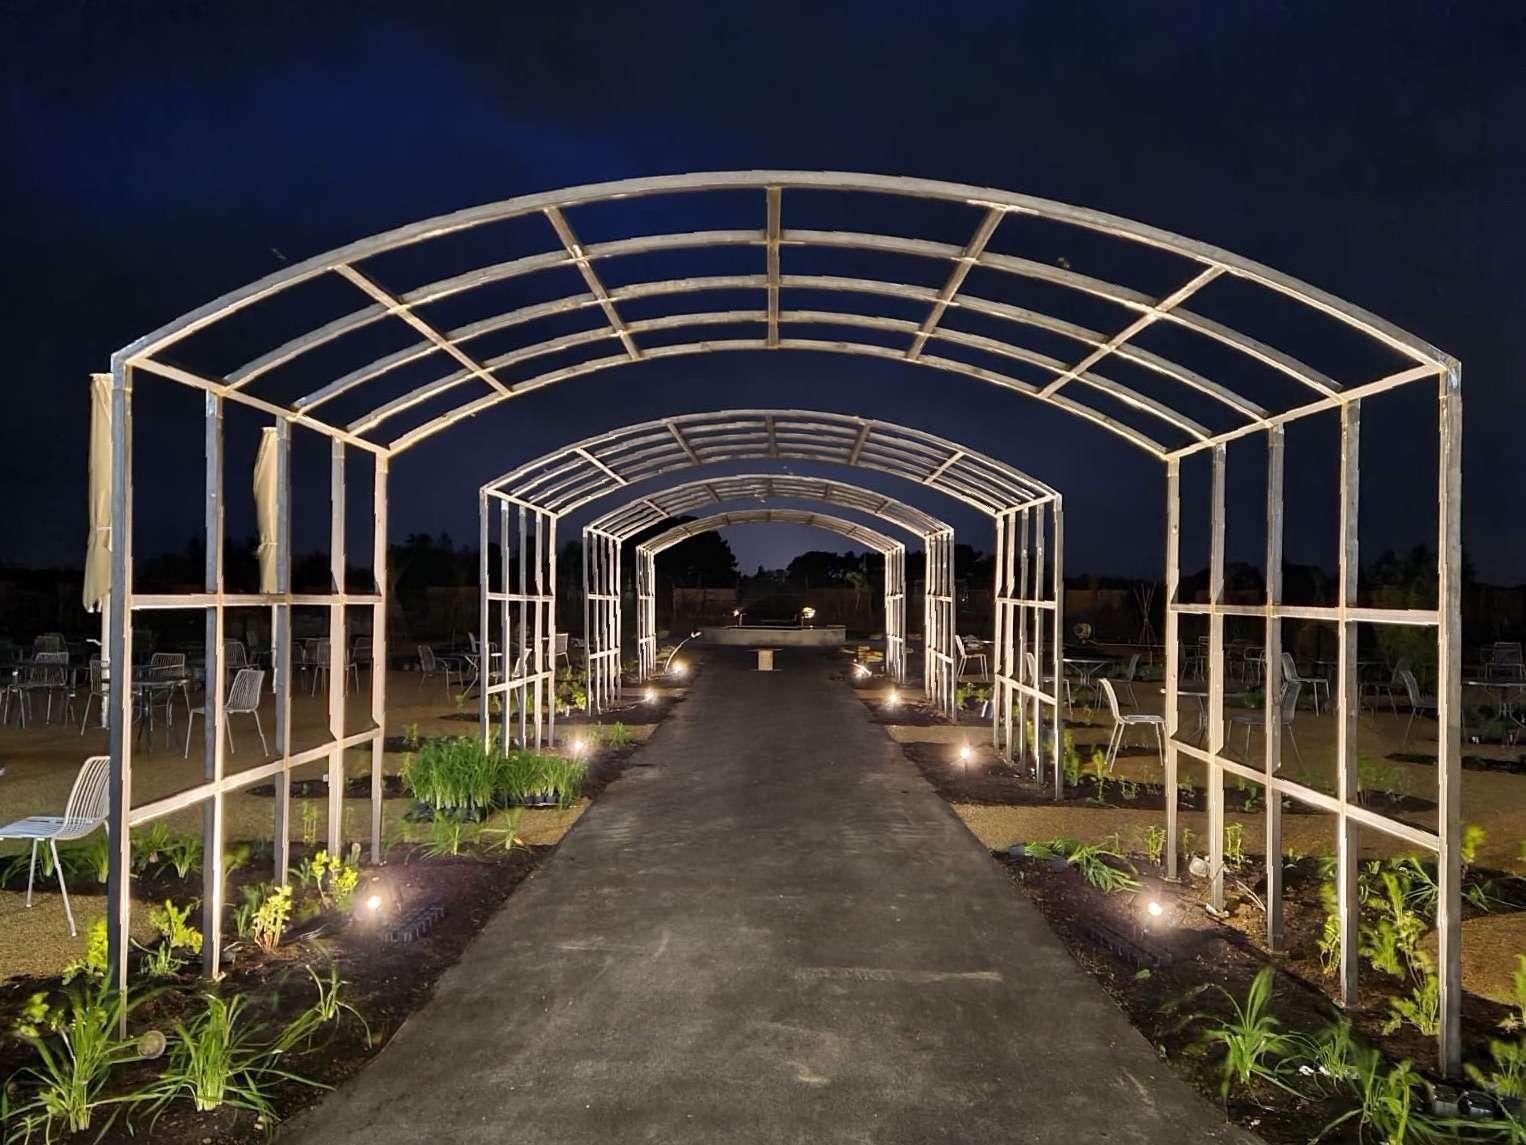 Arches at night at Royal Horticultural Society Wisley